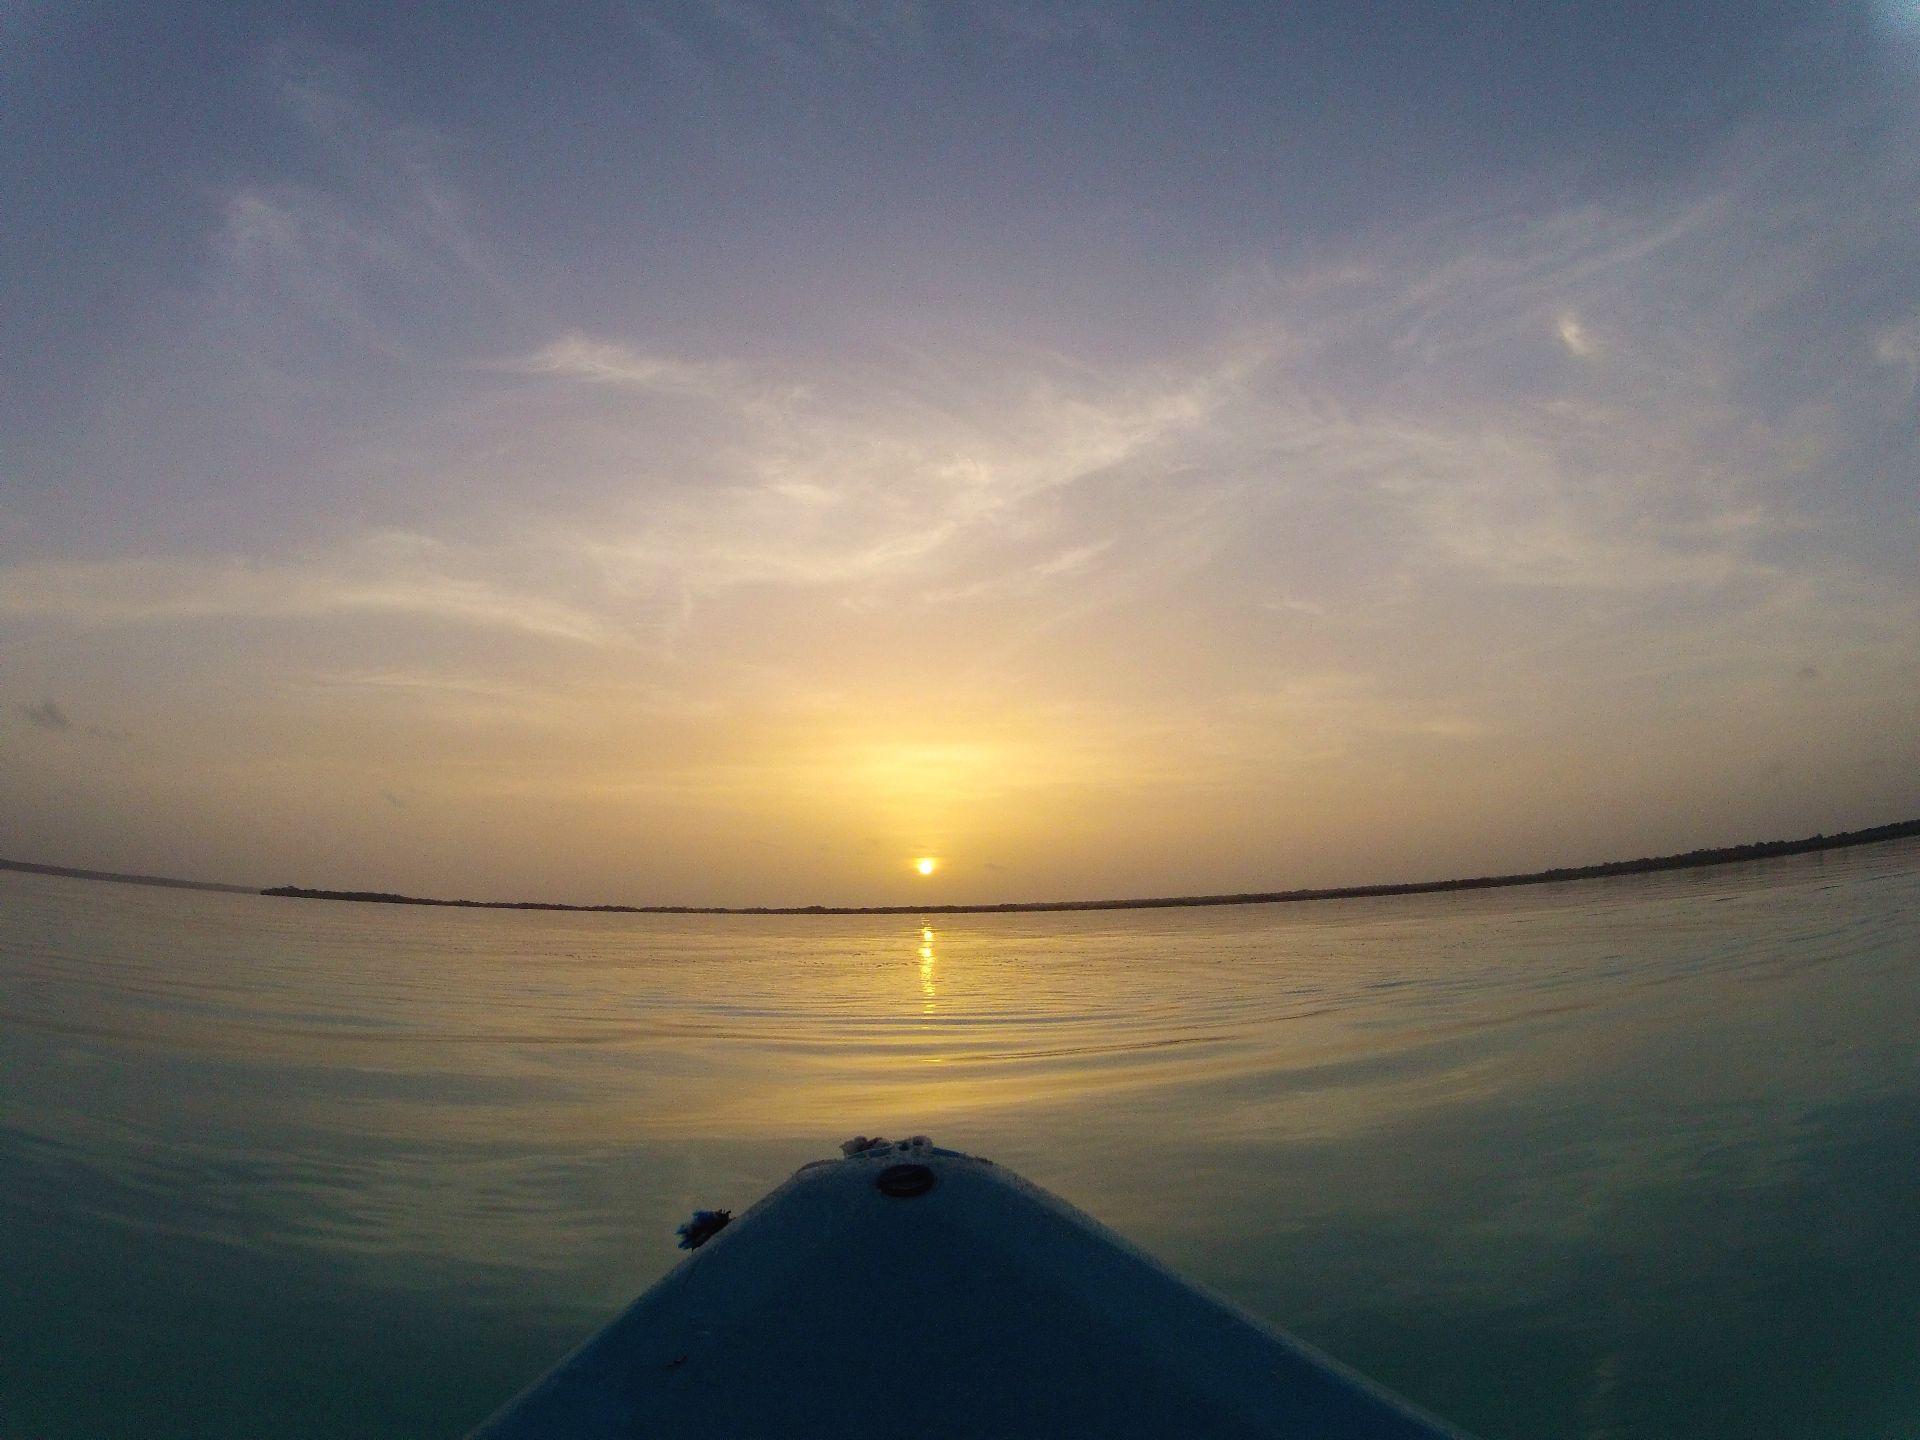 Kayaktour im Sonnenaufgang Laguna Bacalar